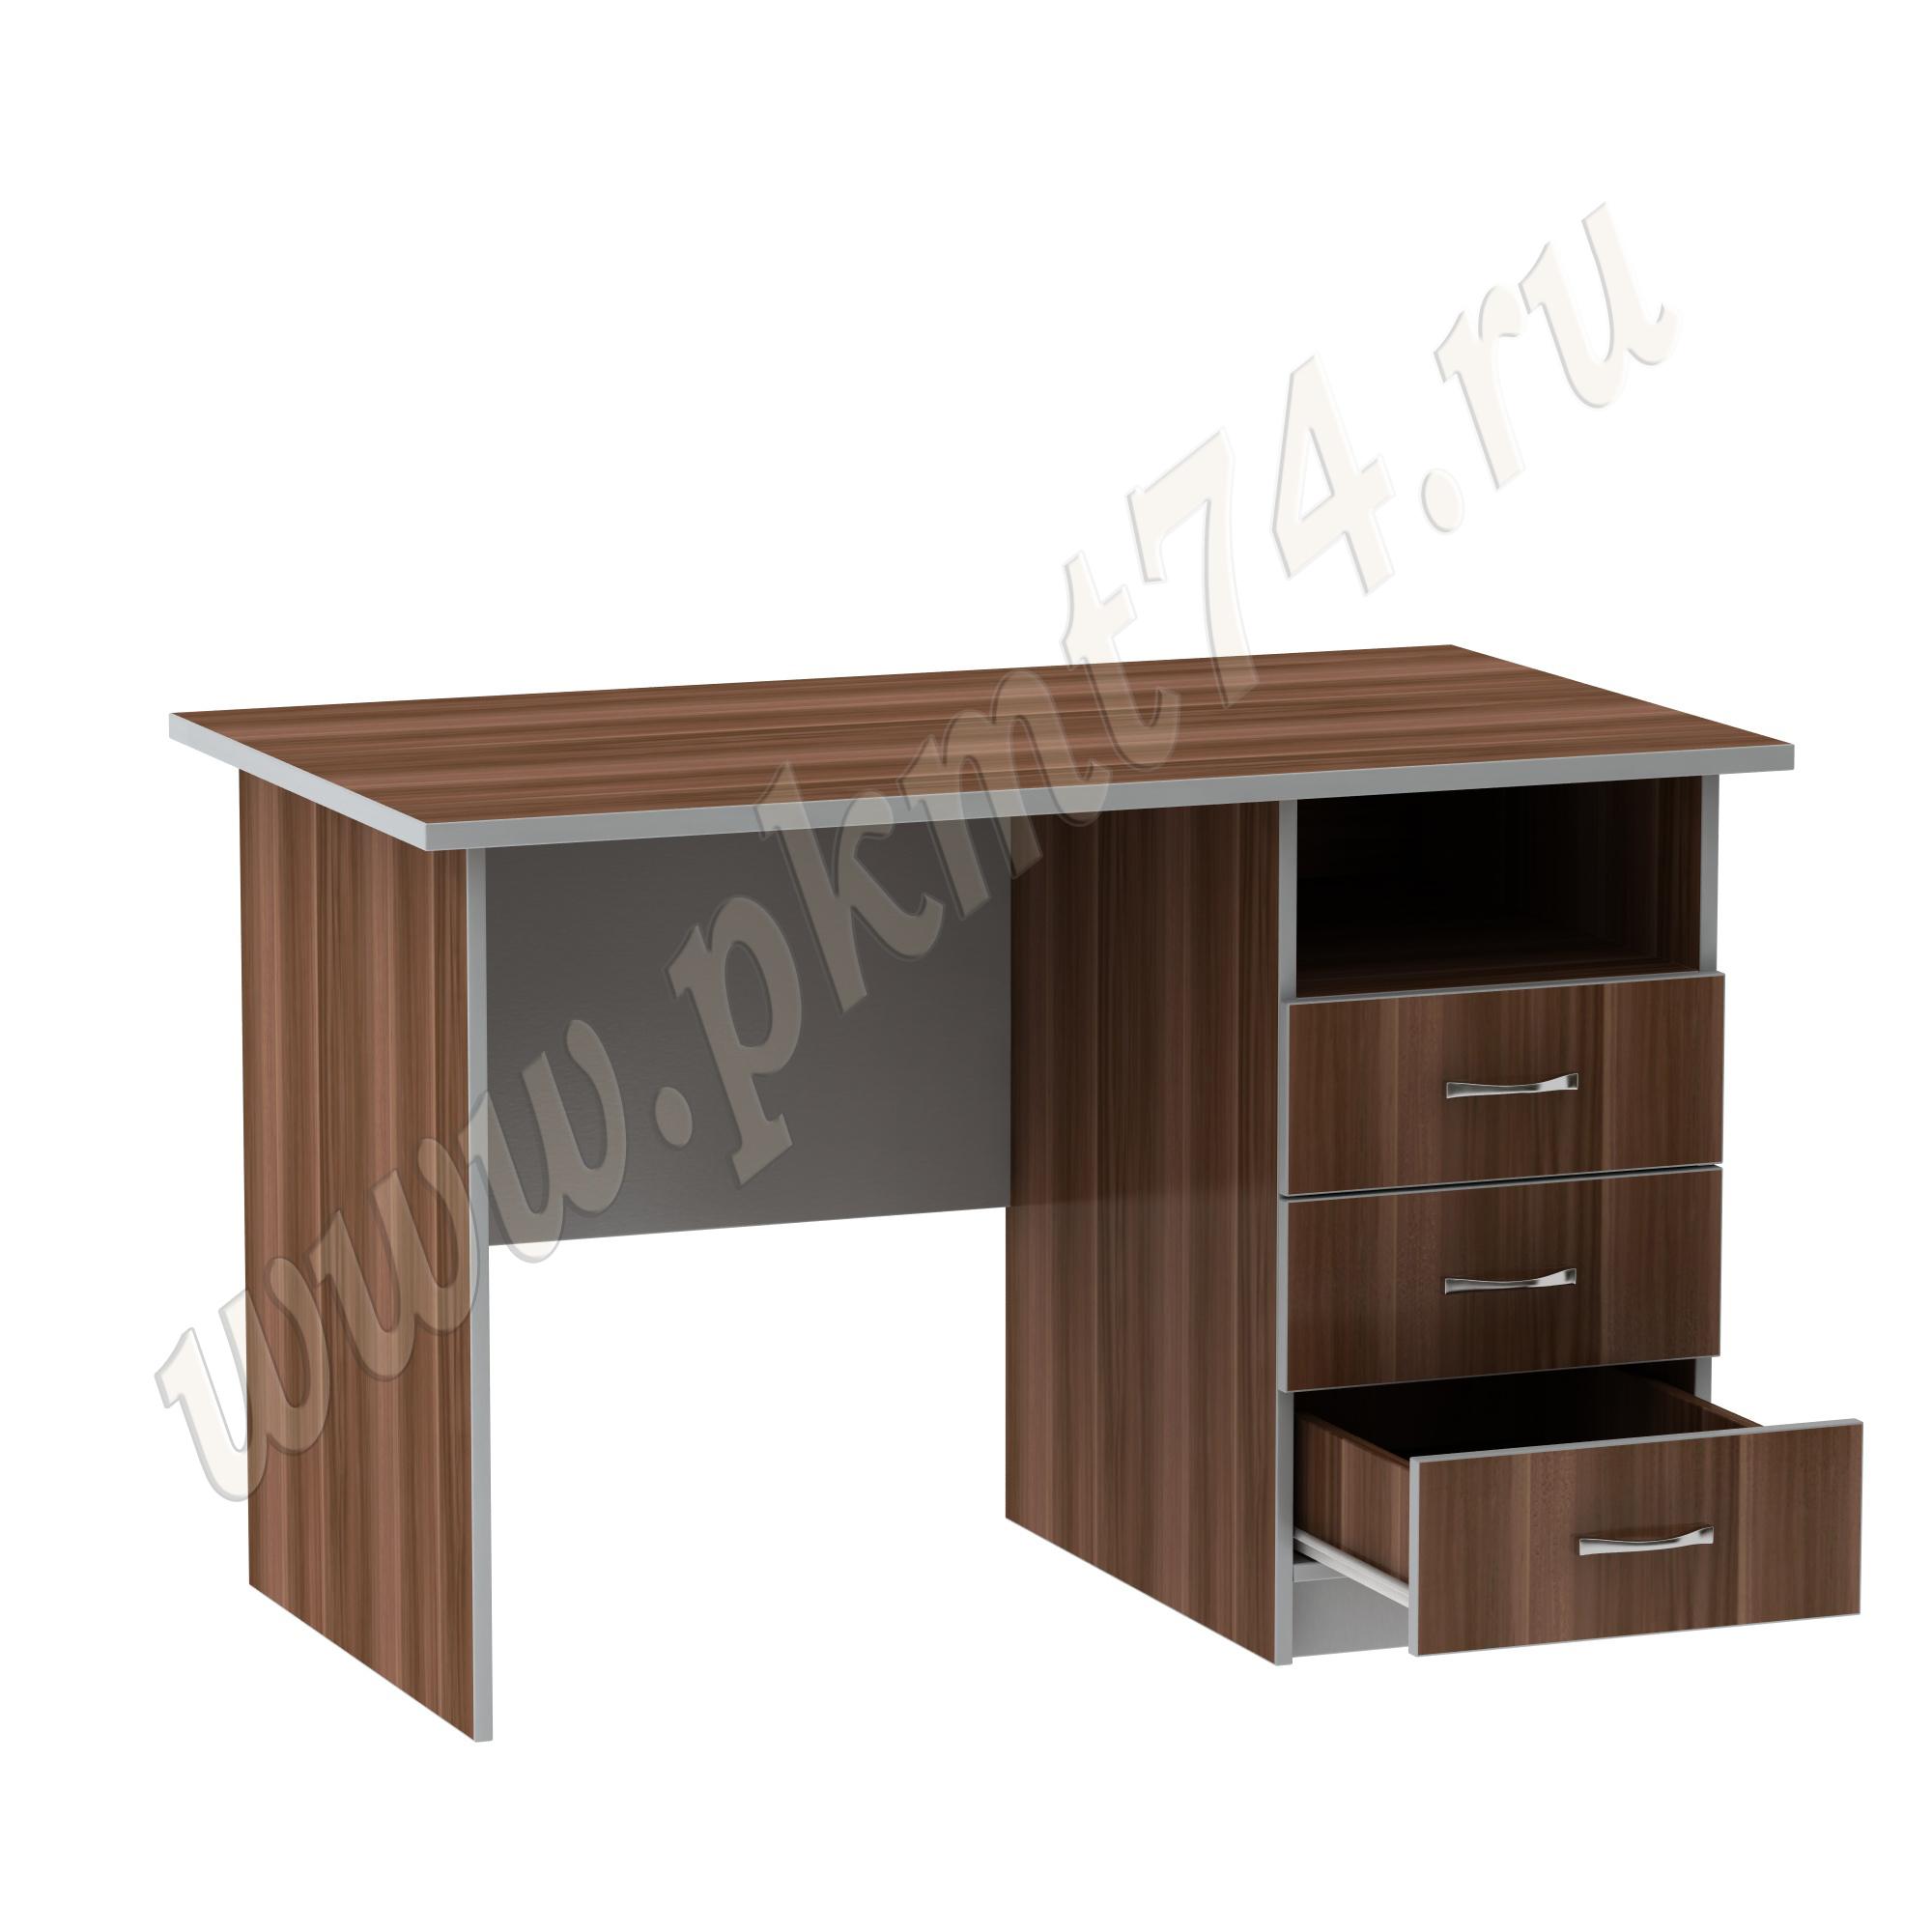 Стол офисный с одной тумбой МТ 06-9 Слива-Алюминий